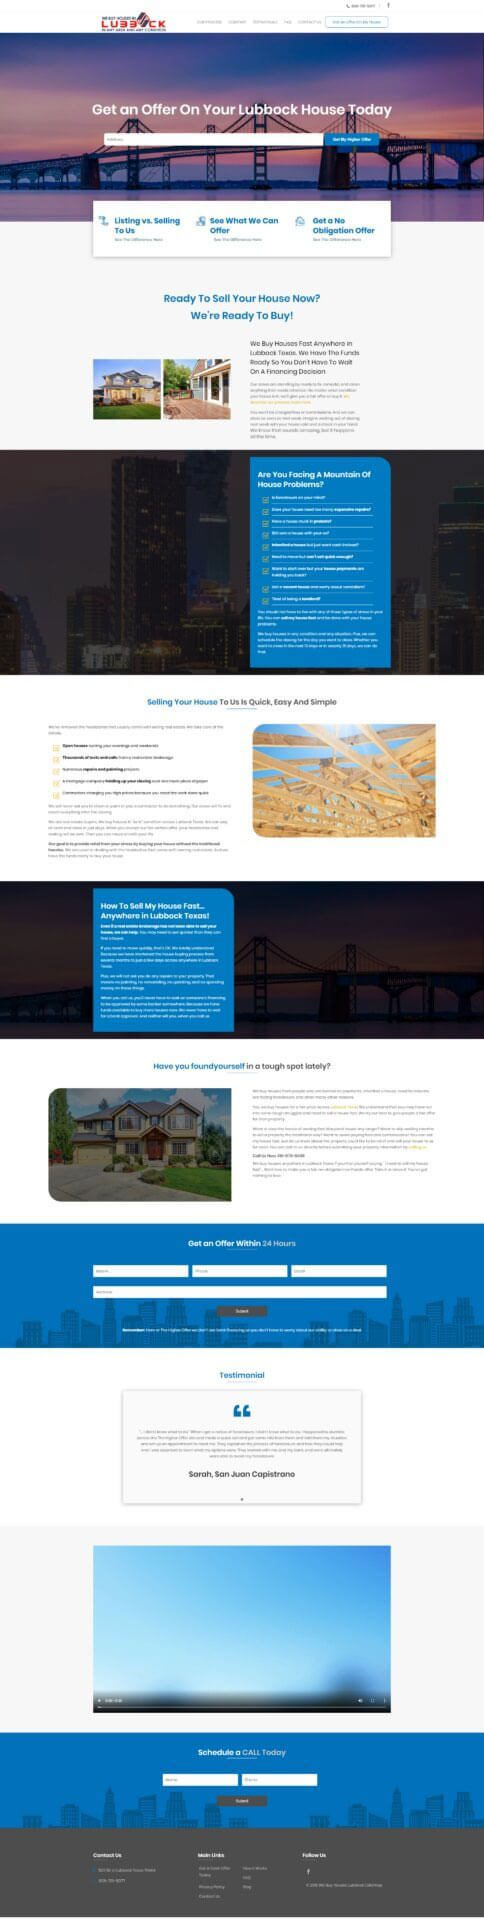 We-Buy-Houses-Lubbock